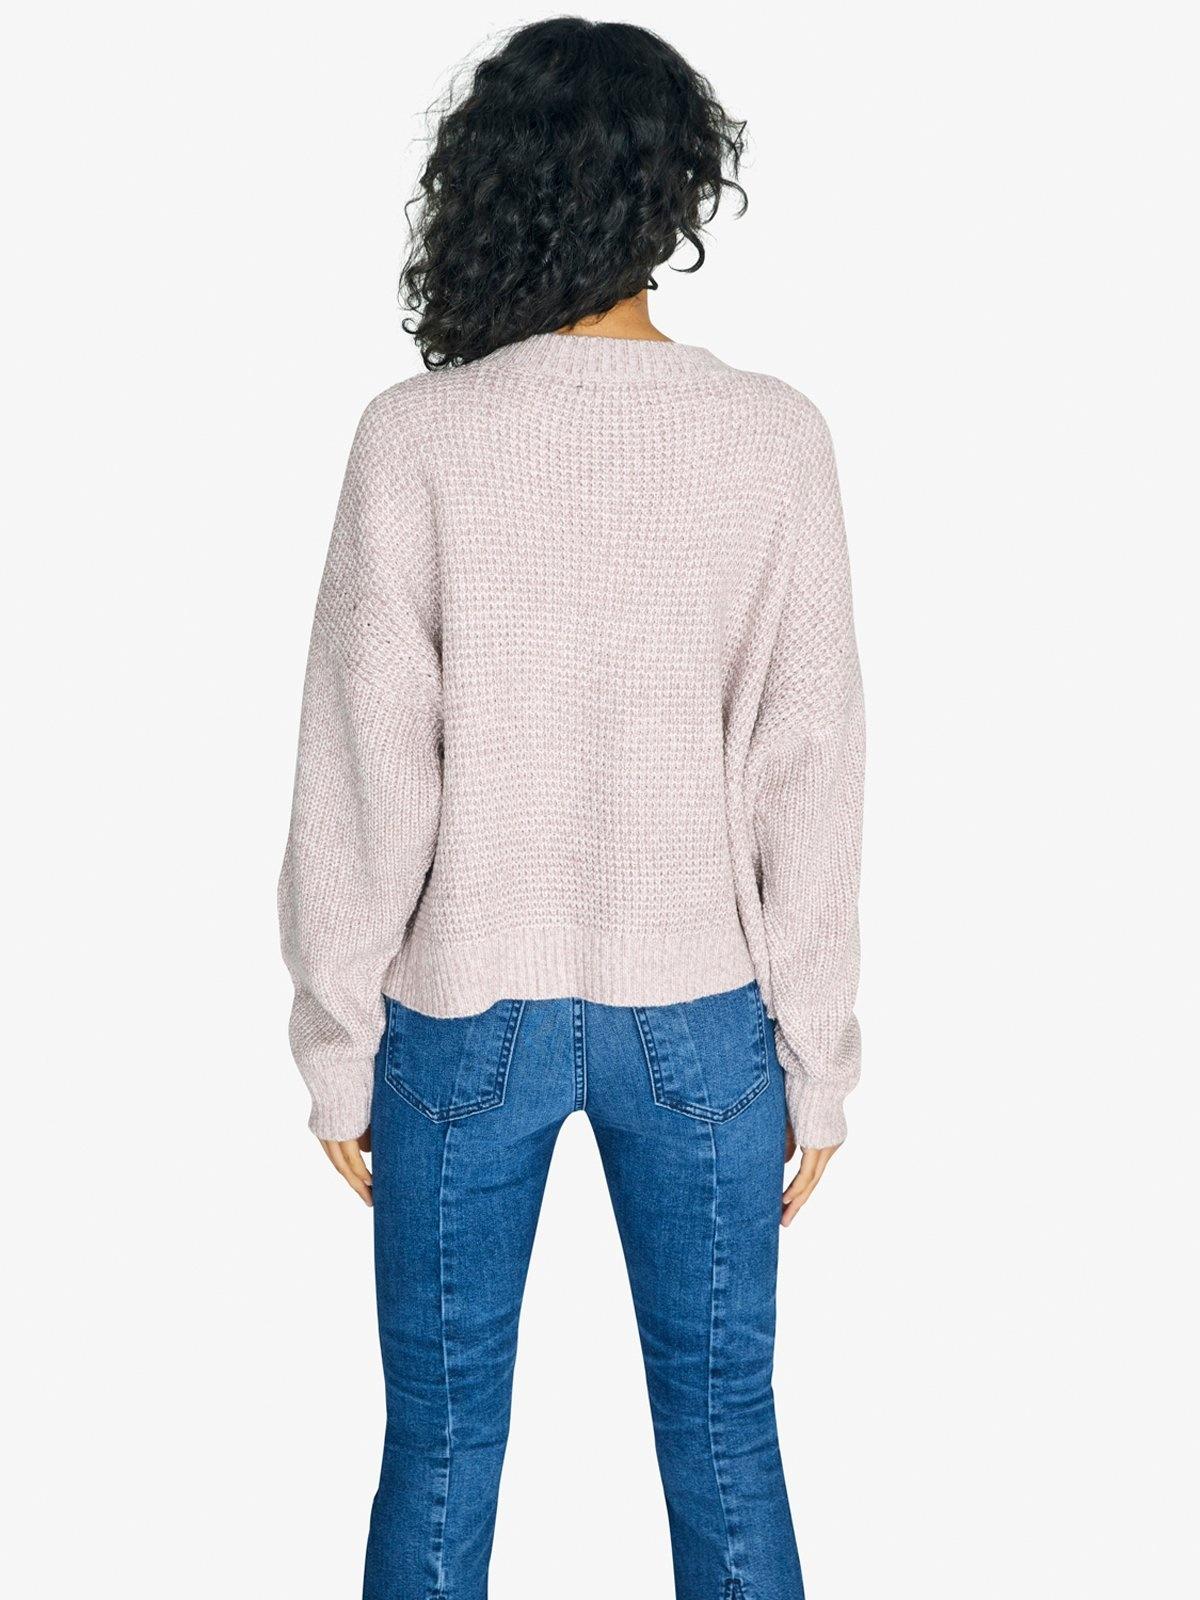 Sanctuary Sanctuary Slouchy Sweater